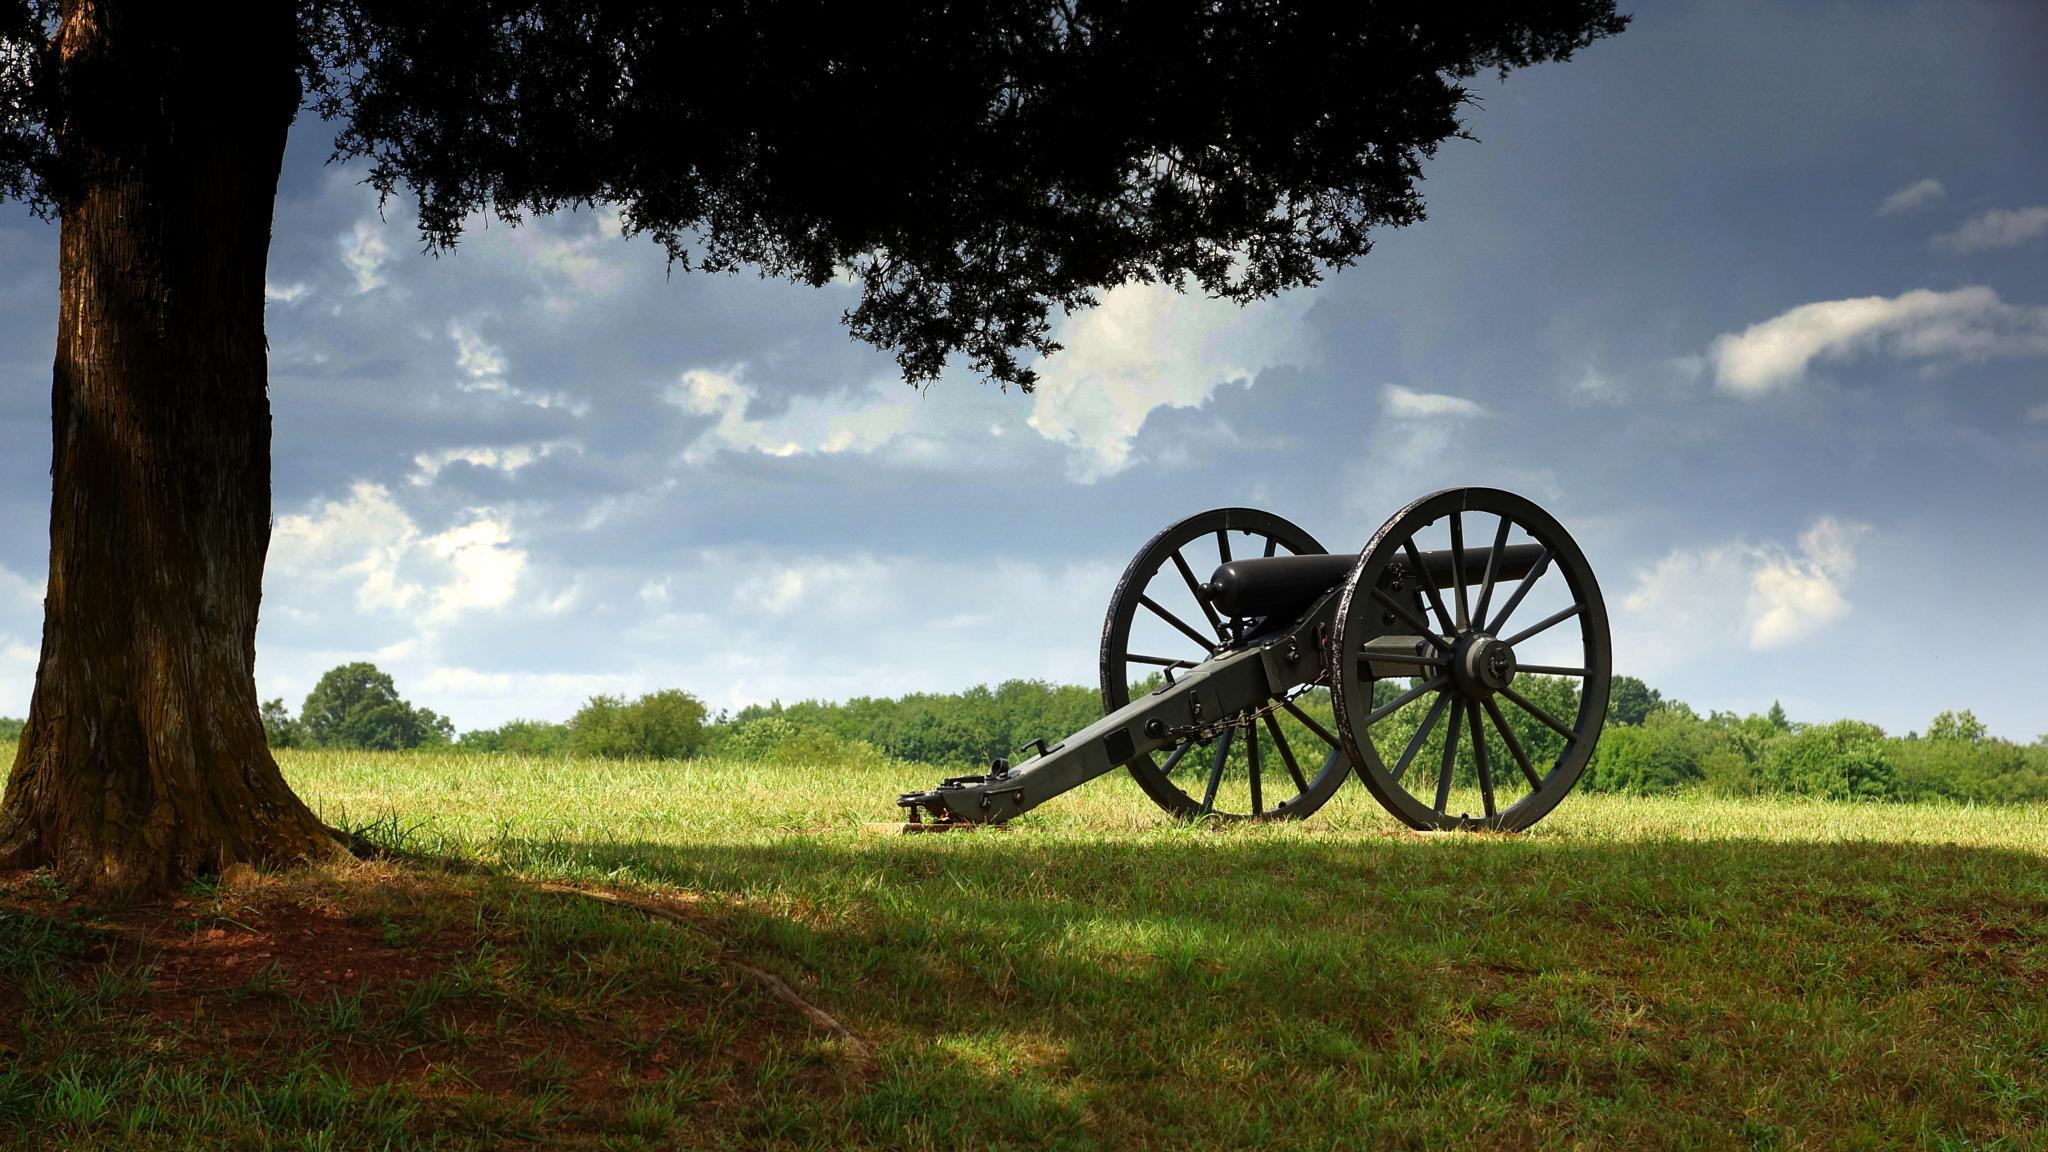 Appomattox Cannon by Gibbsgirl11